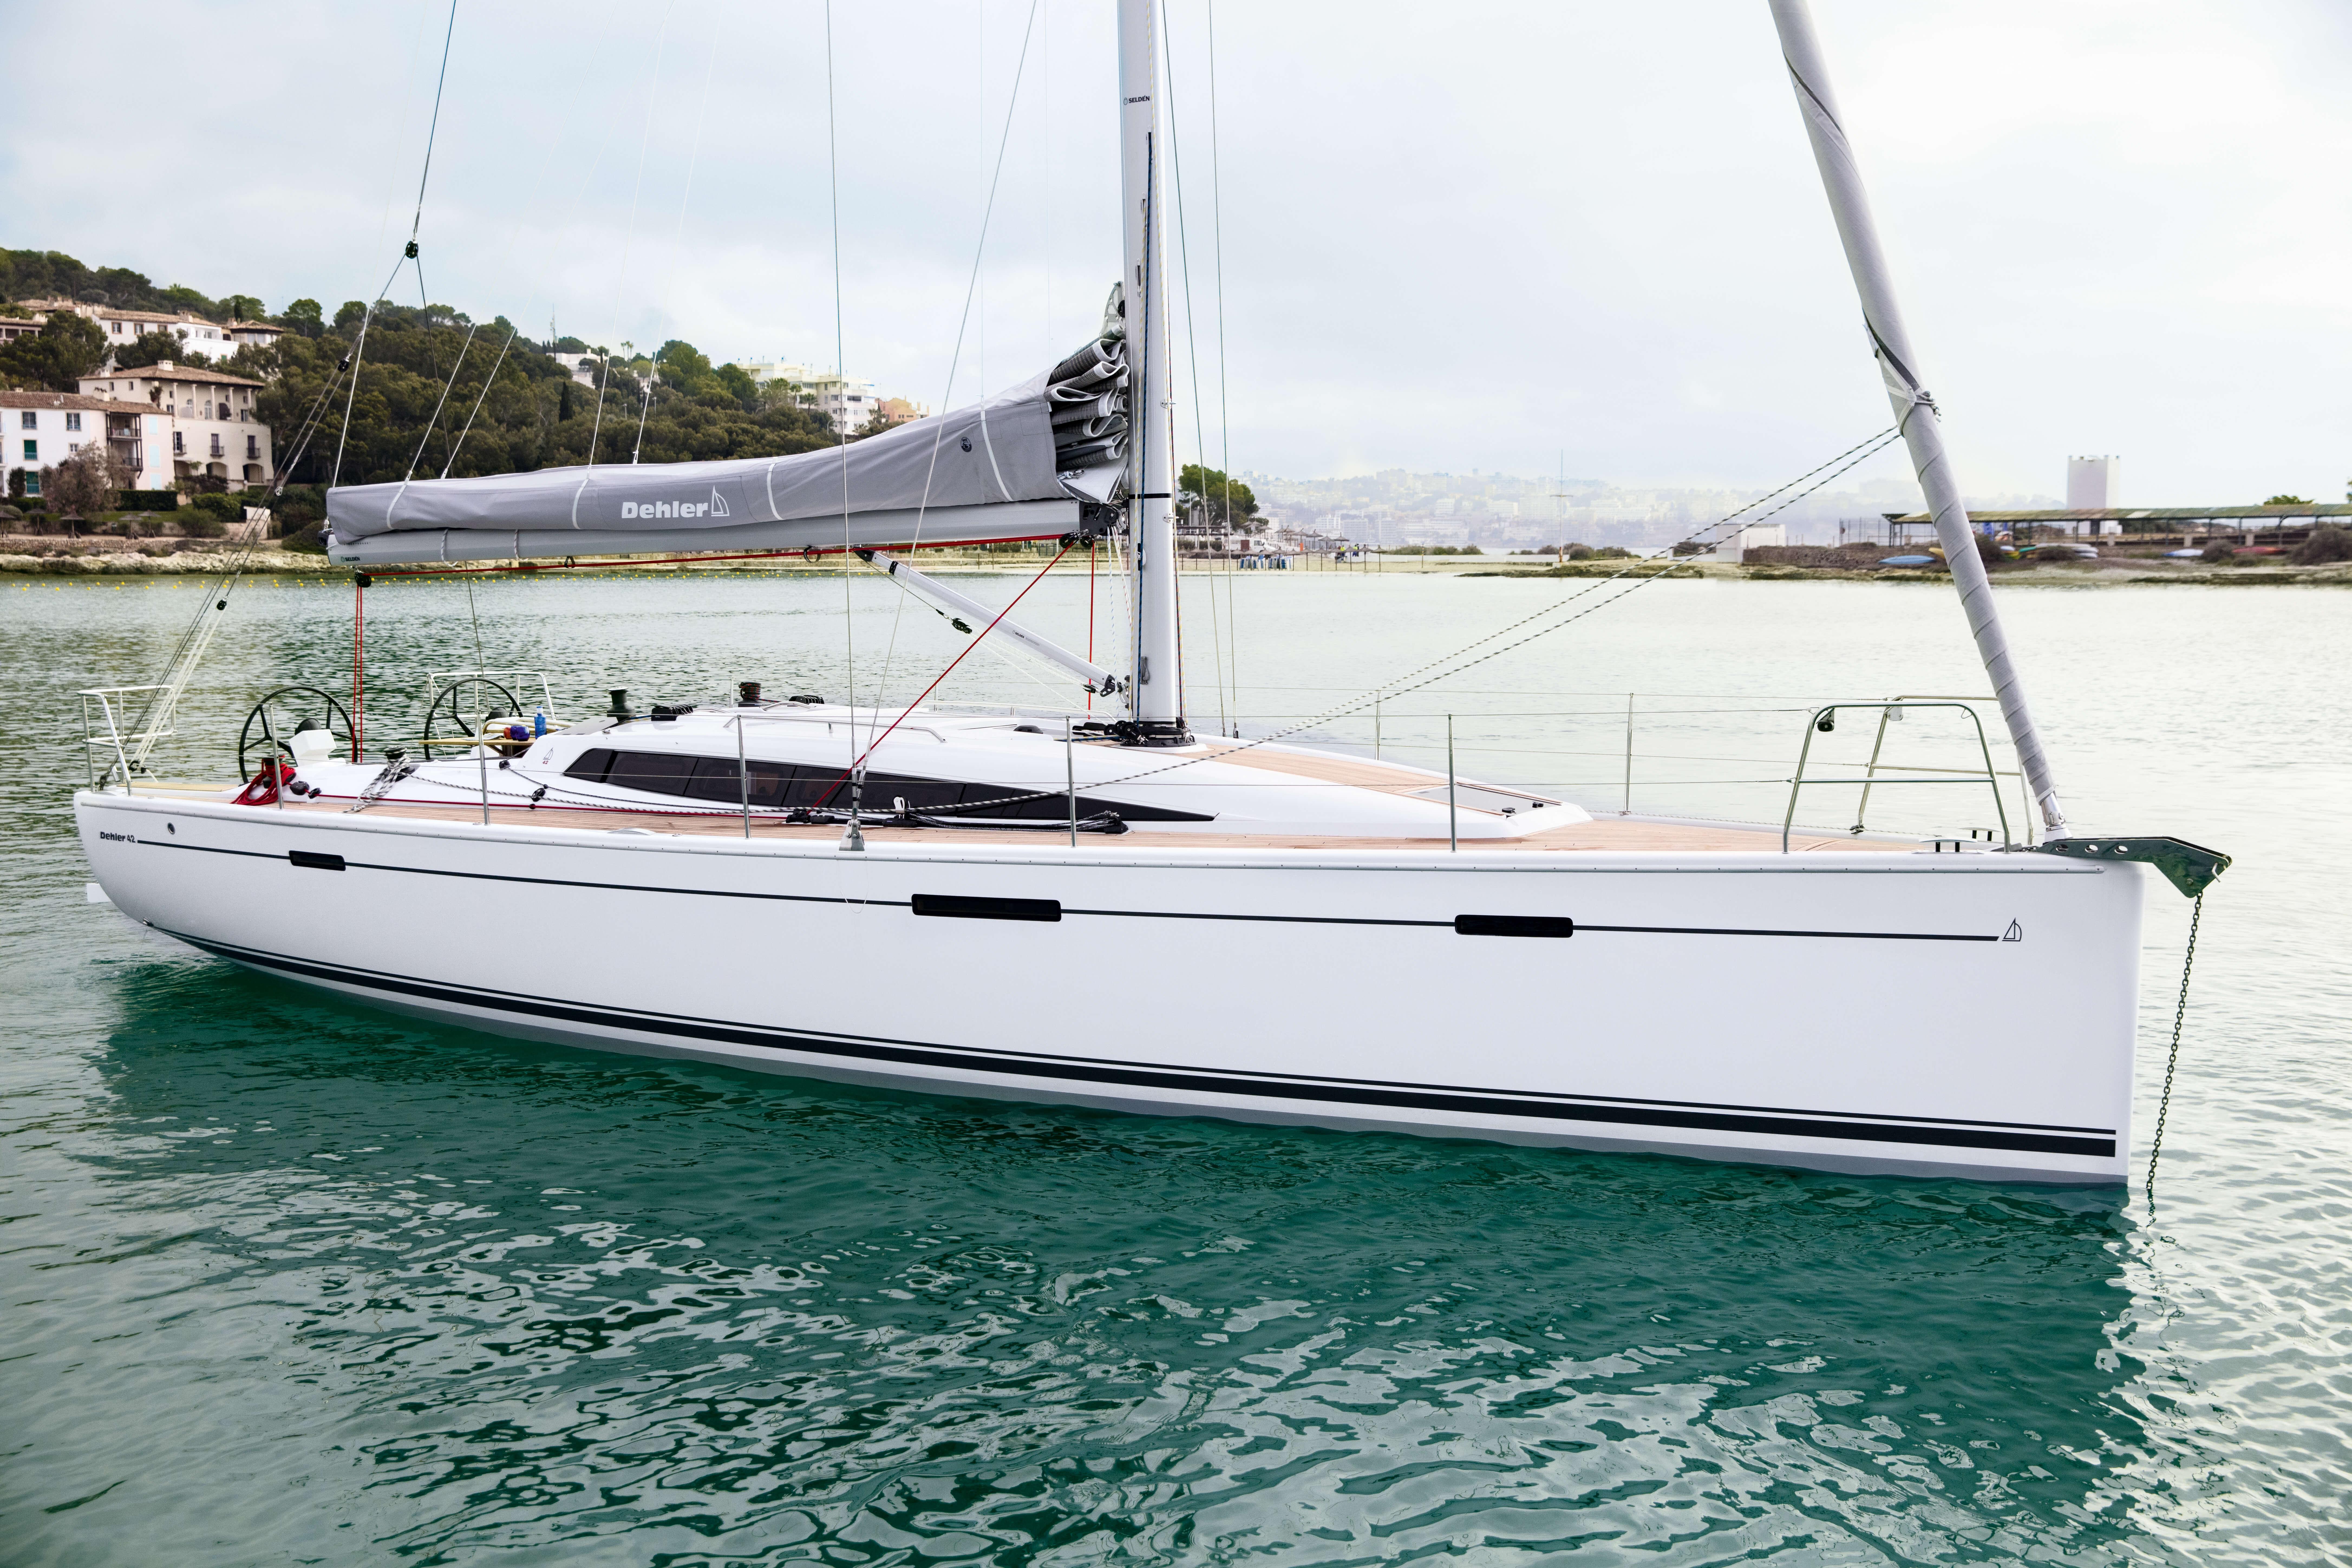 Dehler 42 Exterior at anchor | Dehler 42_Segeln_07_0516_013.jpg | Dehler